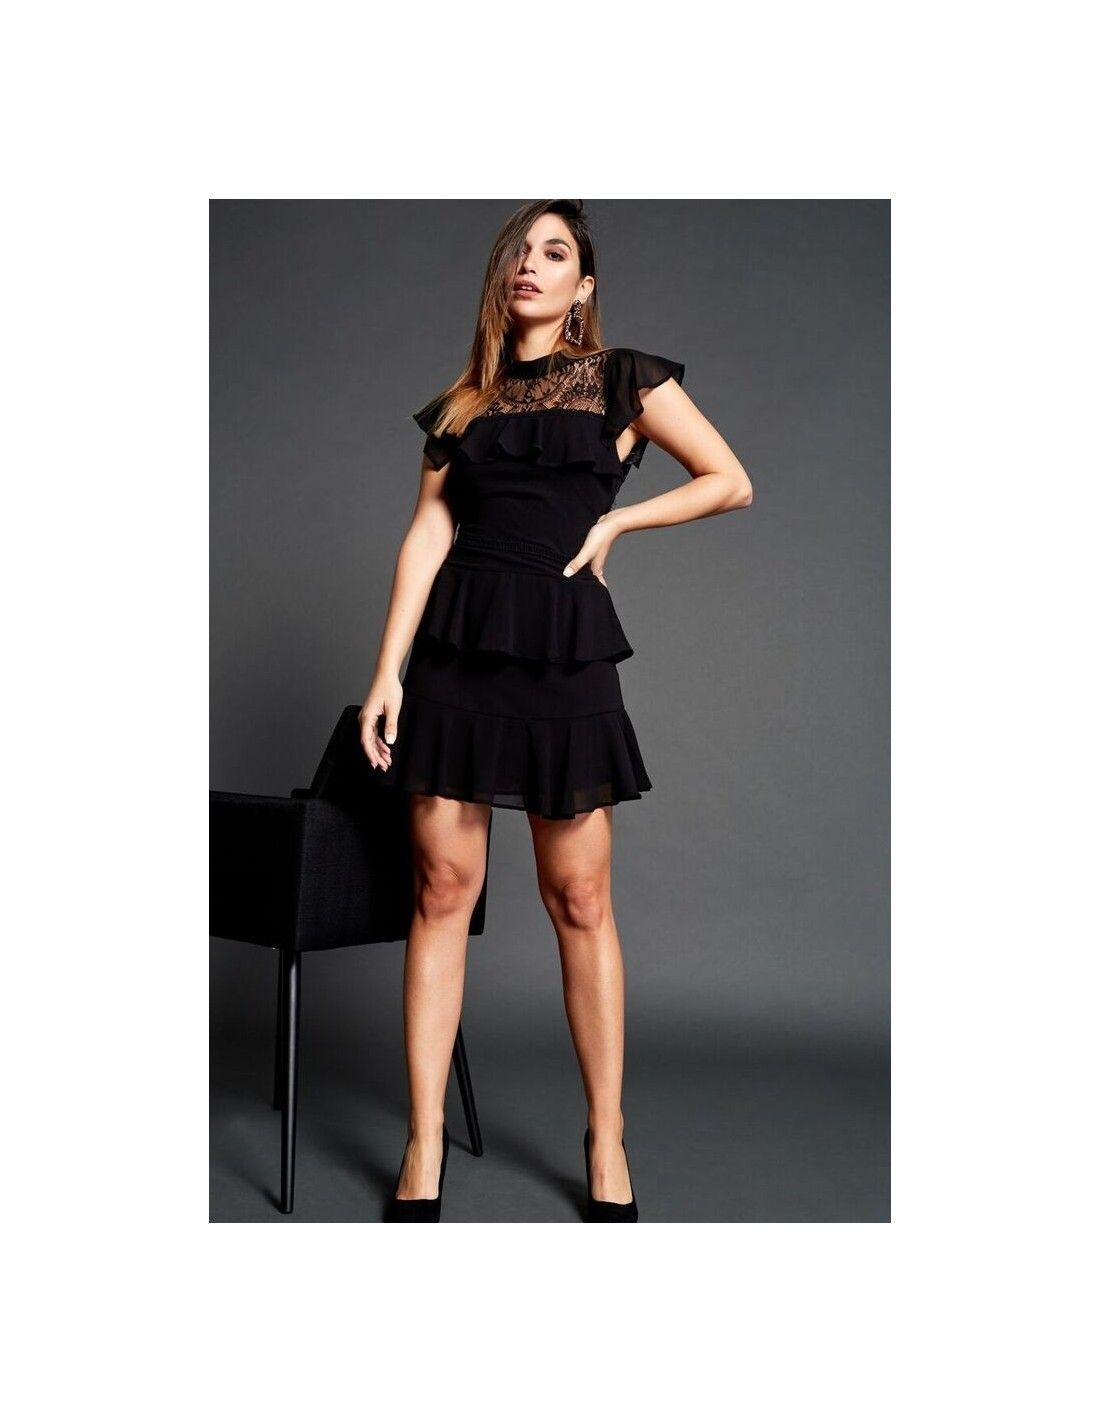 a9a6065407 Vestido Almada - Vestido de gasa en color negro. Cuello mao. Detalle en el